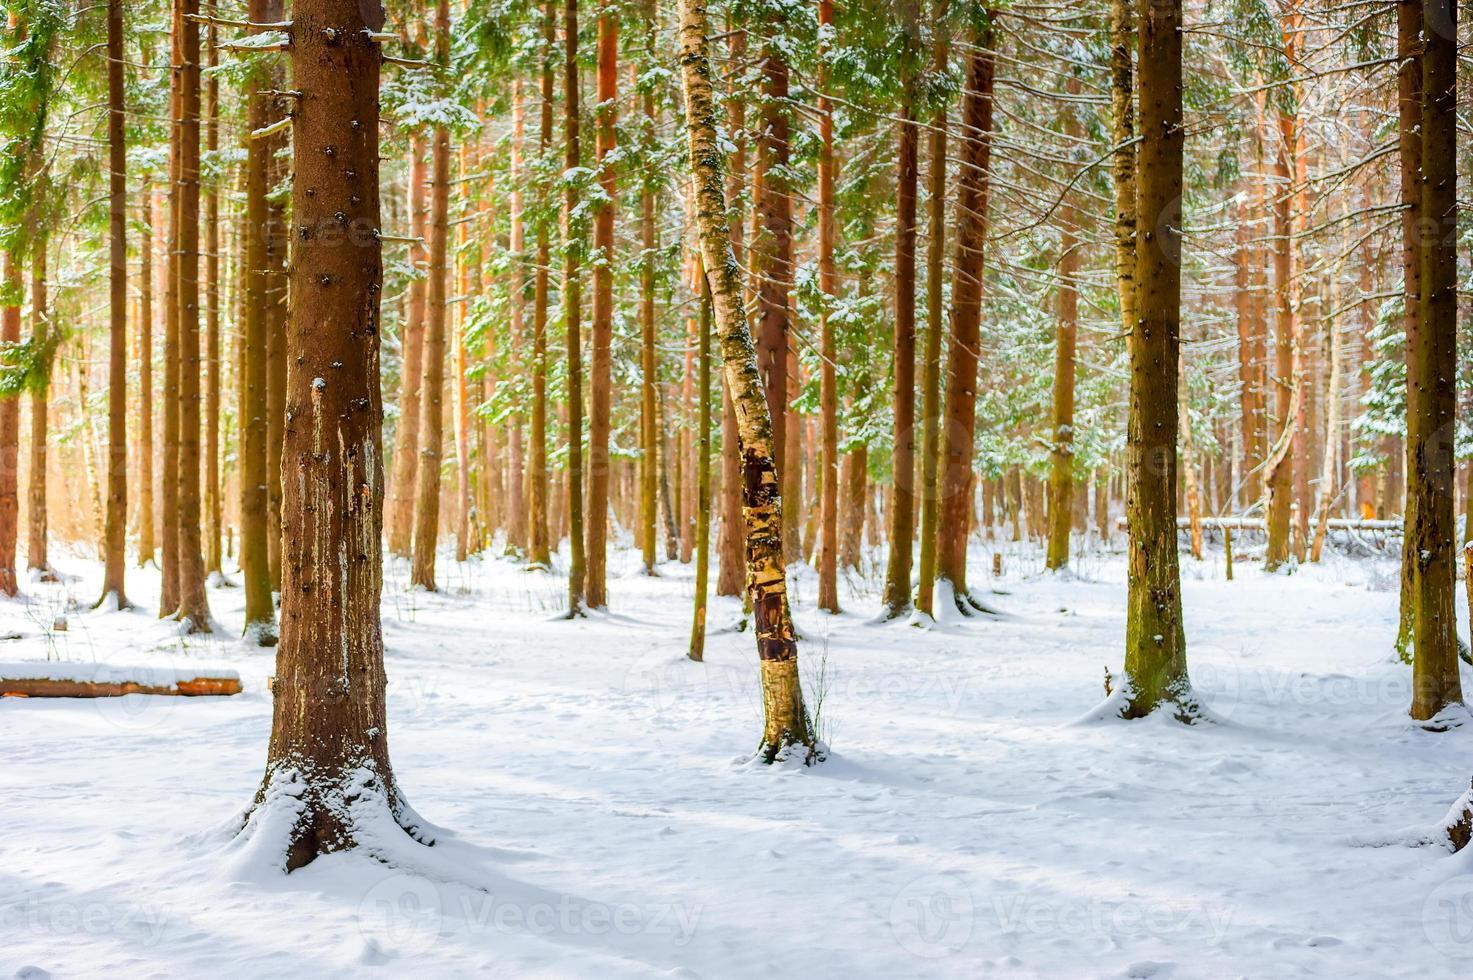 första fallna snön i granskogen foto